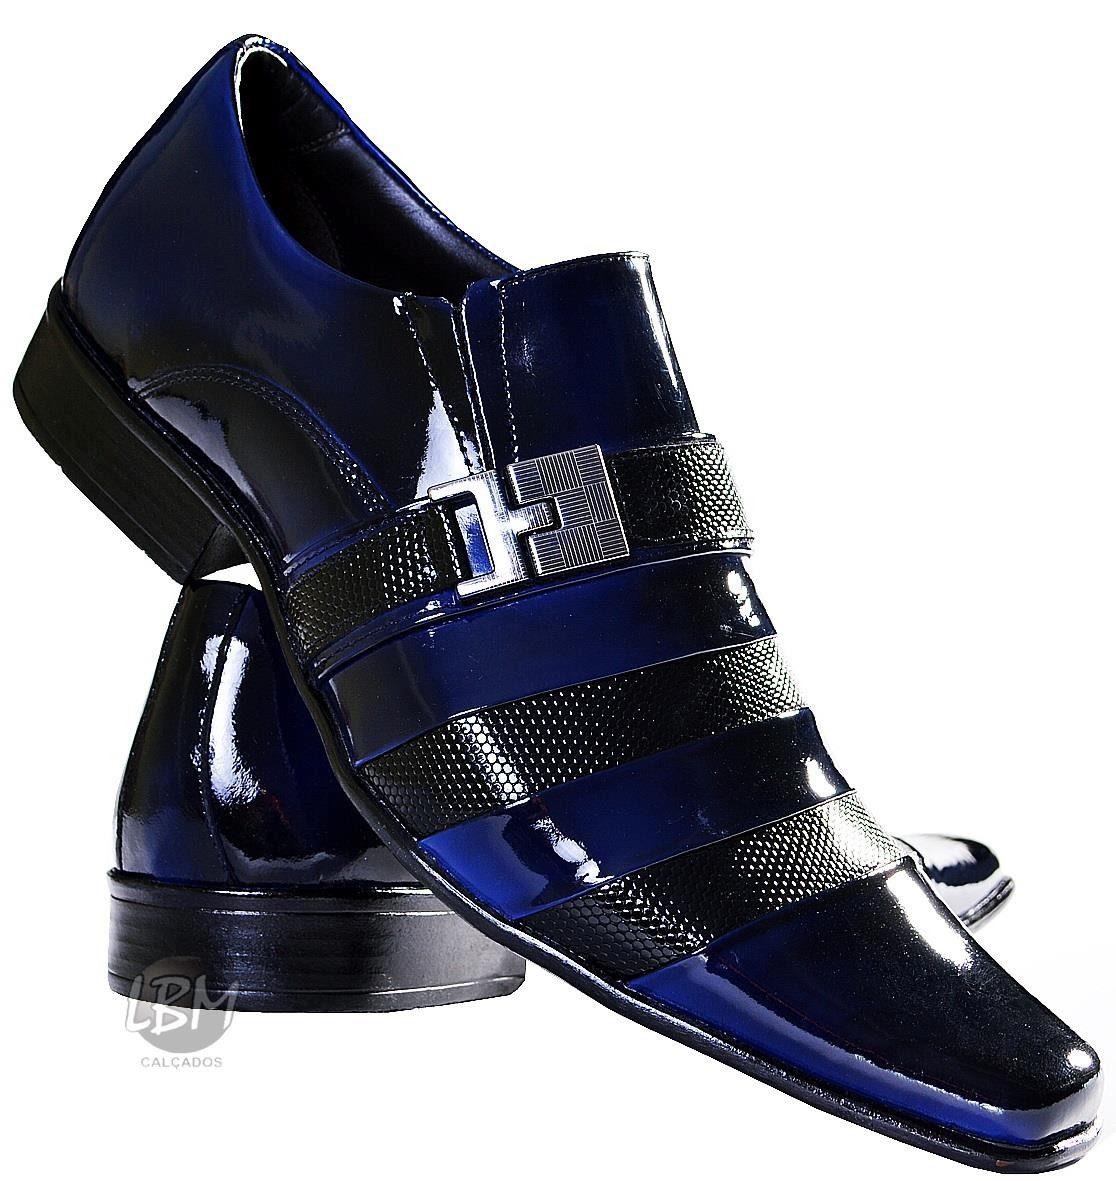 69b1f4b80 Sapato Masculino Social No Mercado Livre Menor Preço Da Net - R$ 179 ...